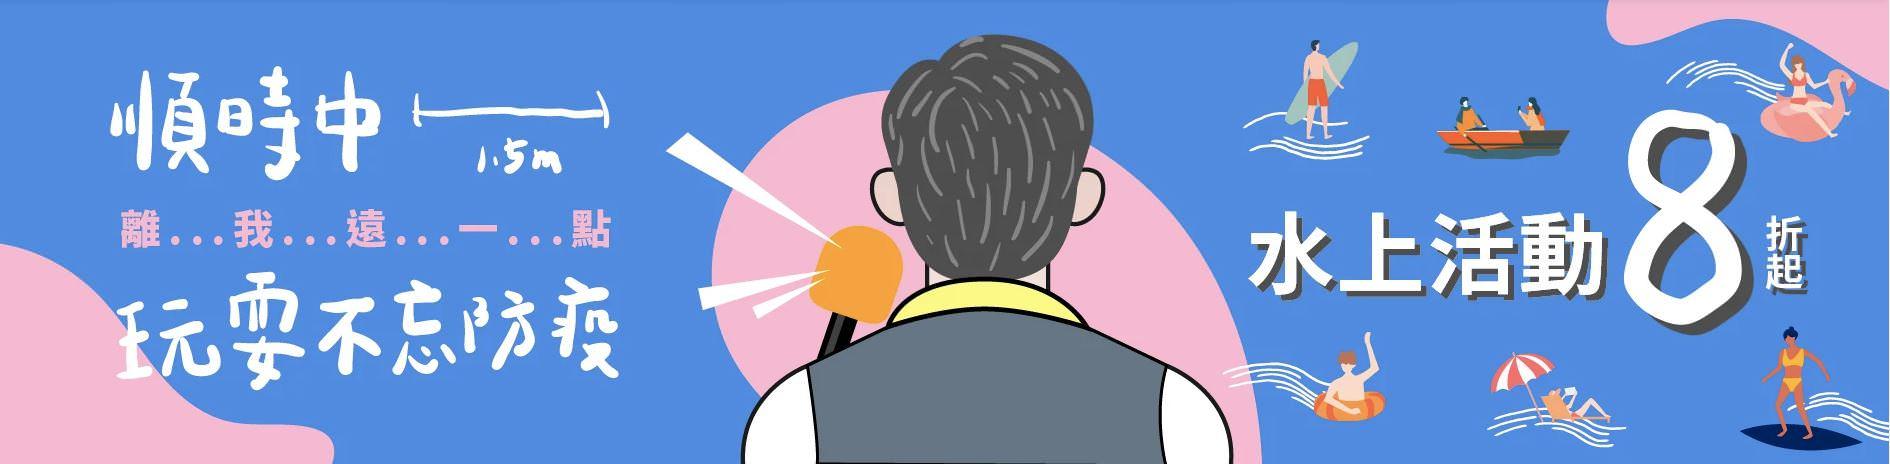 【我愛東東消費券】6月底前到台東、屏東旅遊觀光,消費最高折抵500元! - threeonelee.com